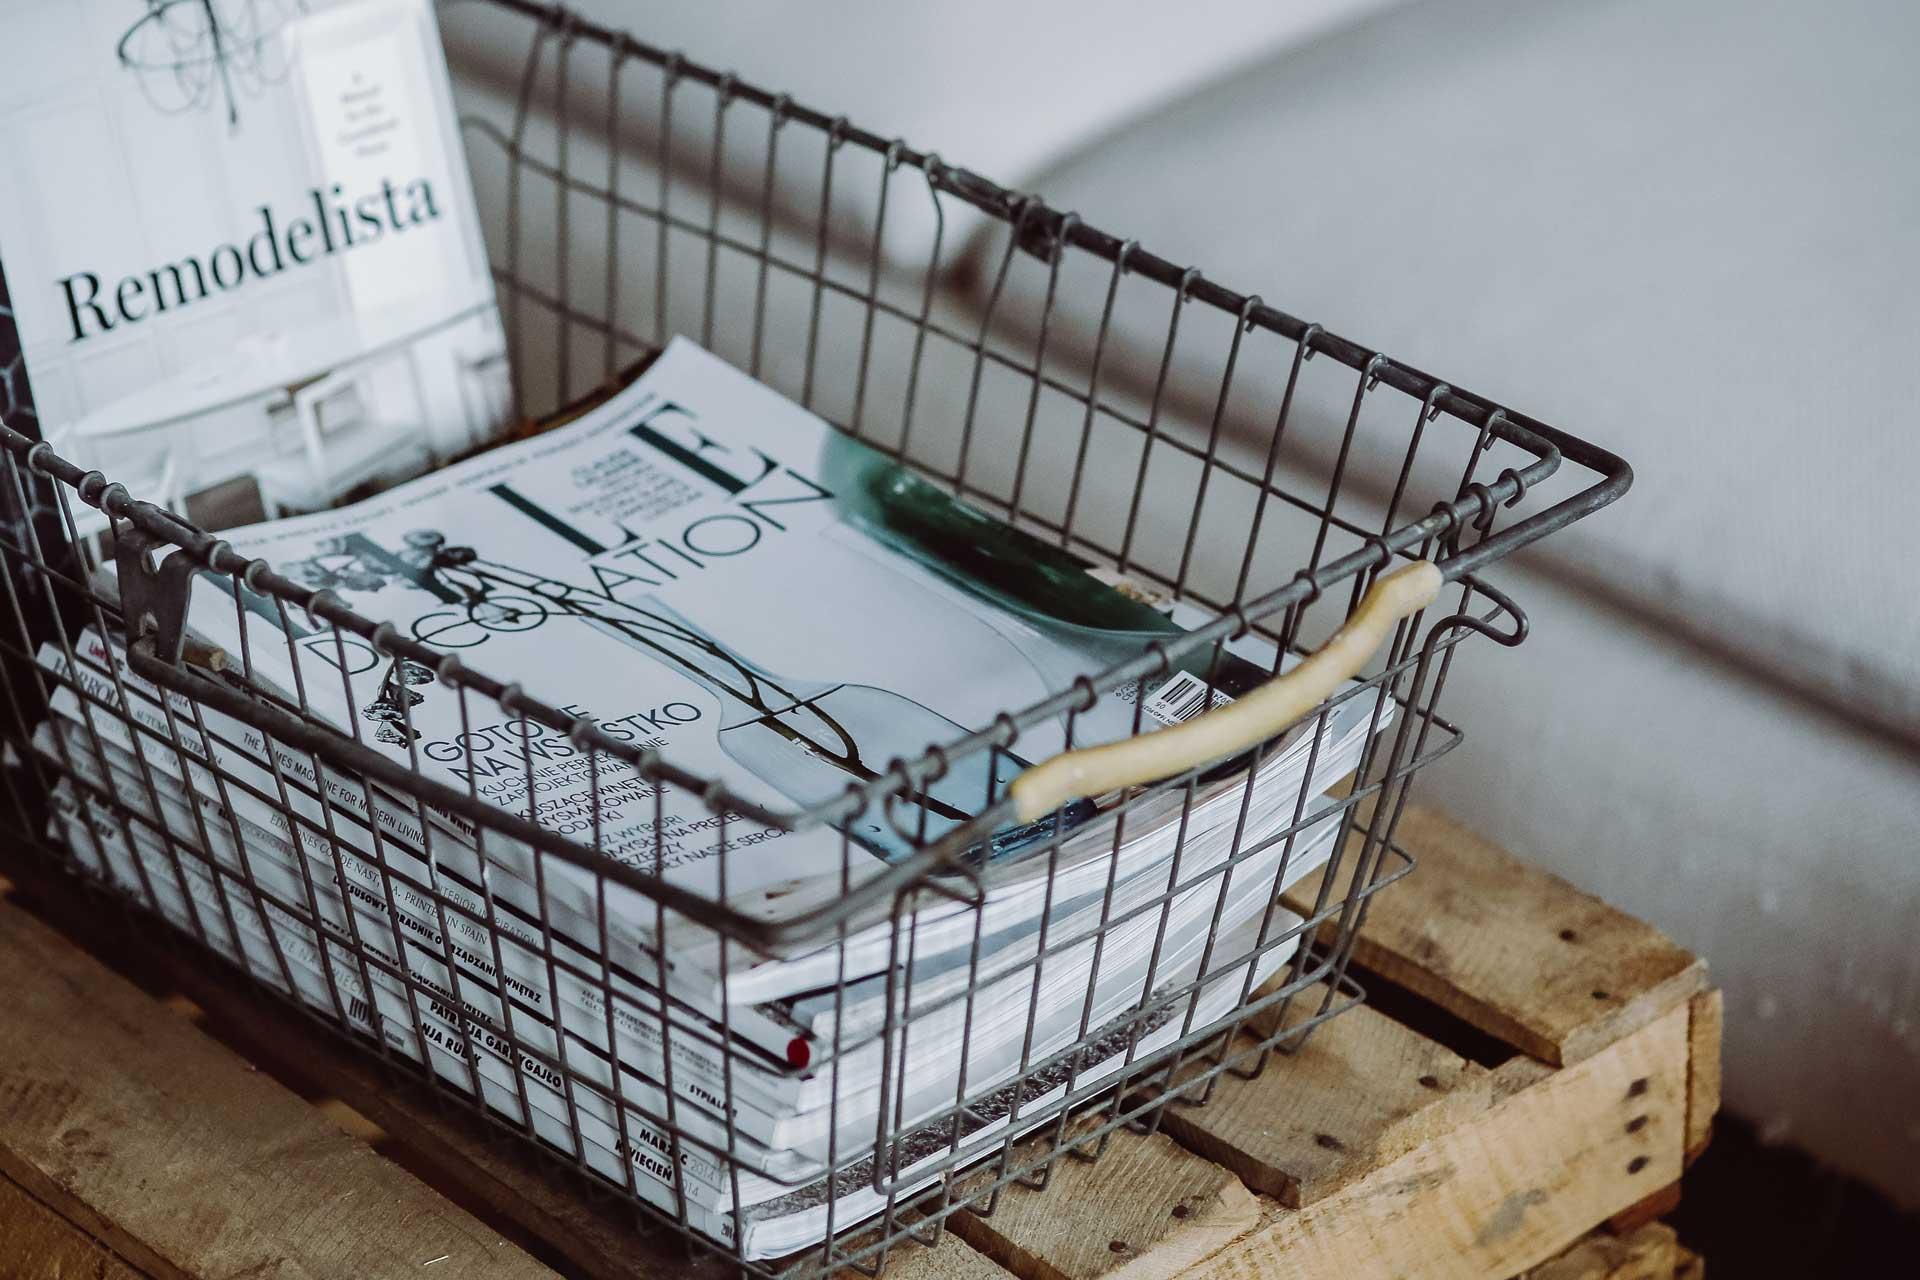 海外雑誌をワイヤーバスケットに入れたディスプレイ